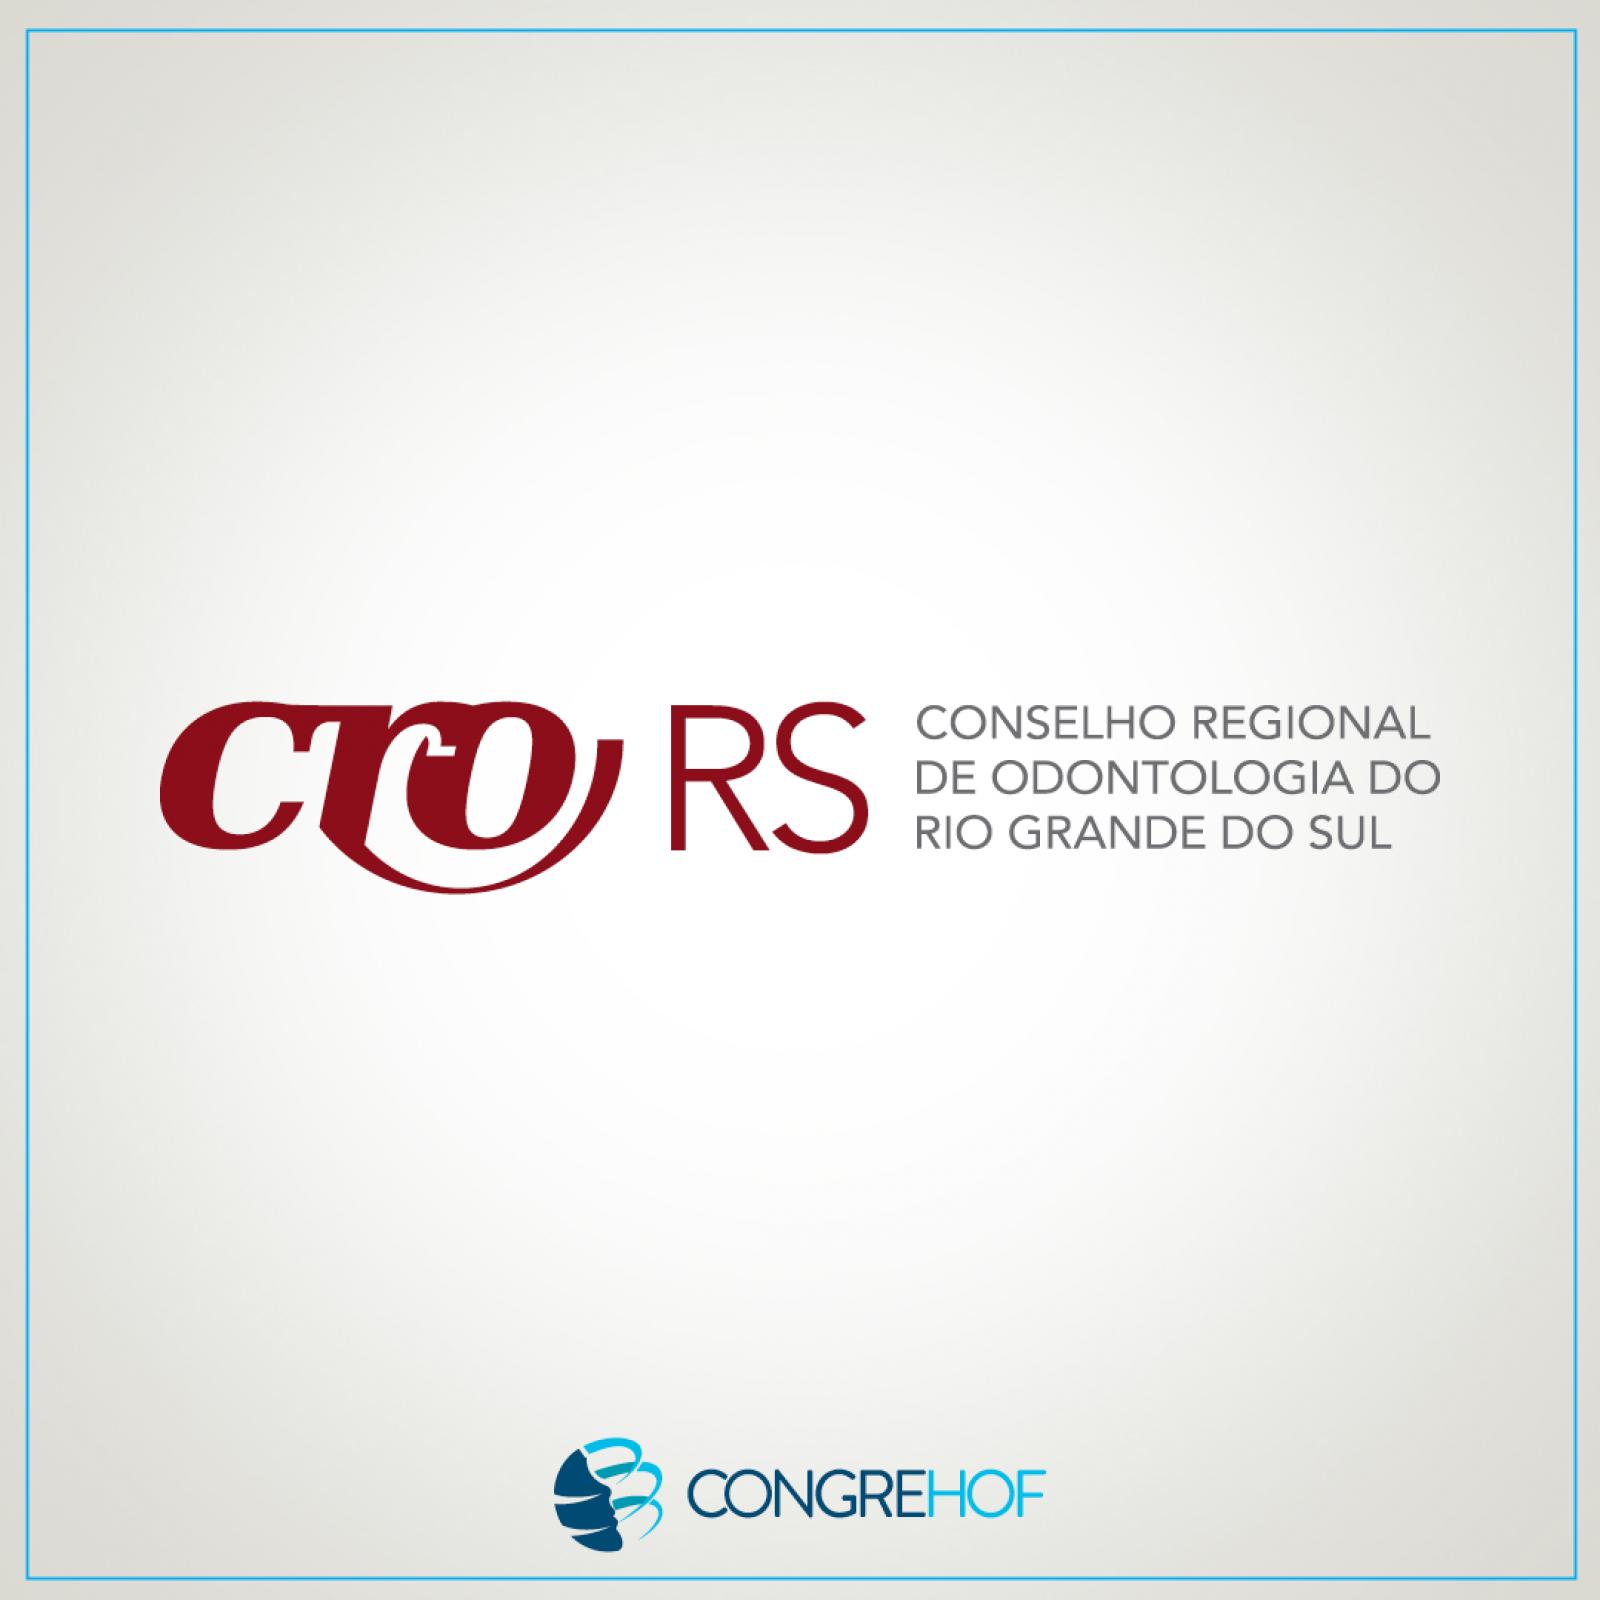 1. CRO/RS - Conselho Regional de Odontologia do Rio Grande do Sul